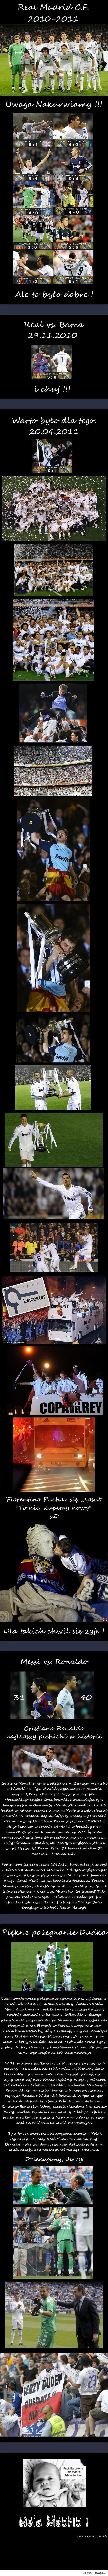 Real Madrid 2010-2011